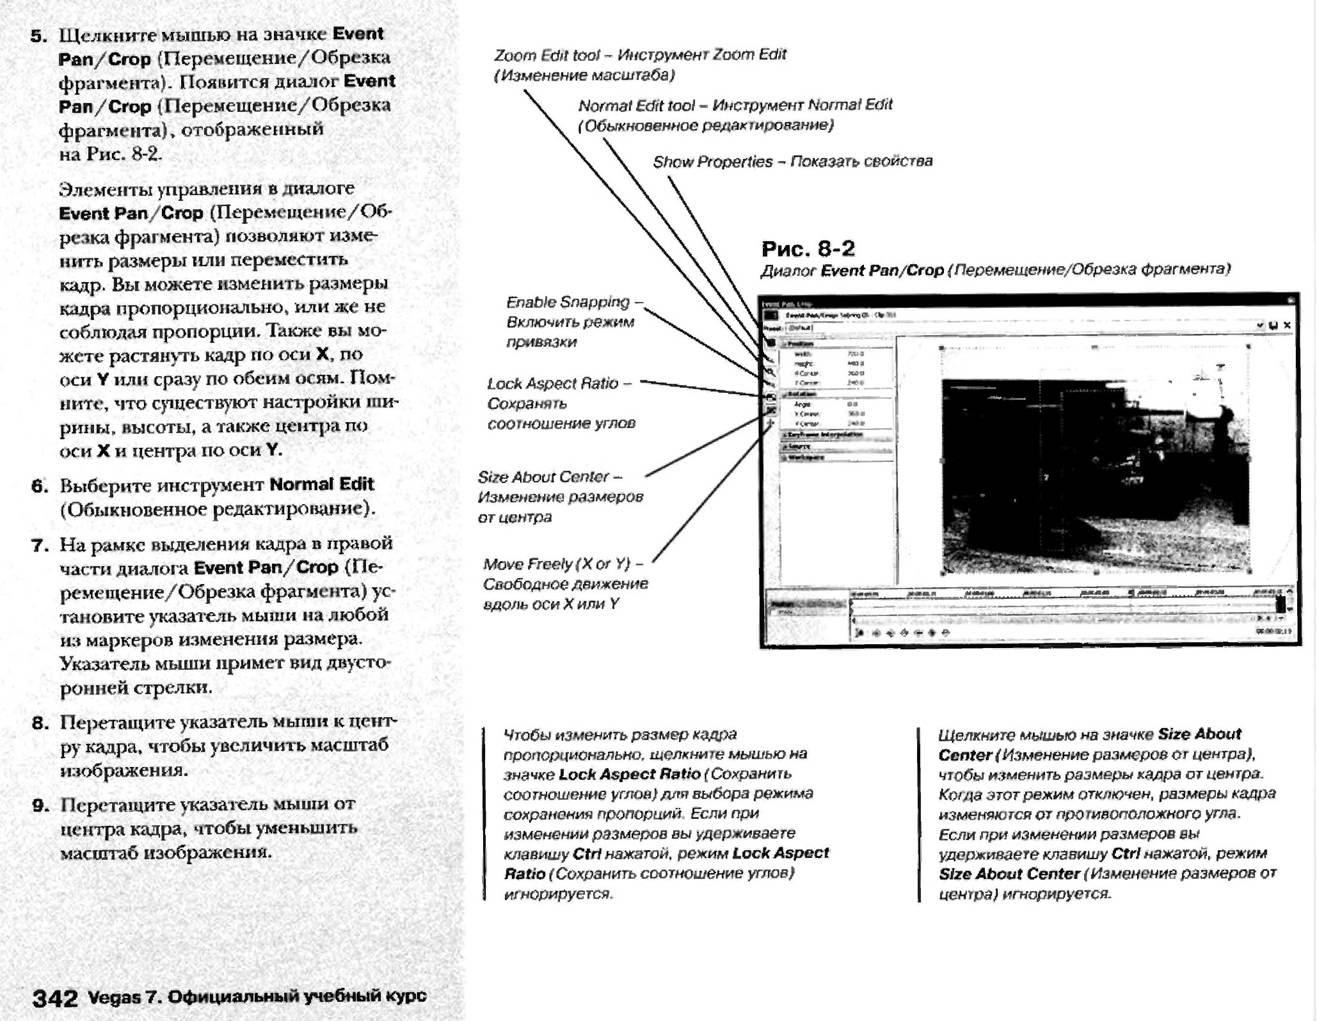 http://redaktori-uroki.3dn.ru/_ph/12/122469661.jpg